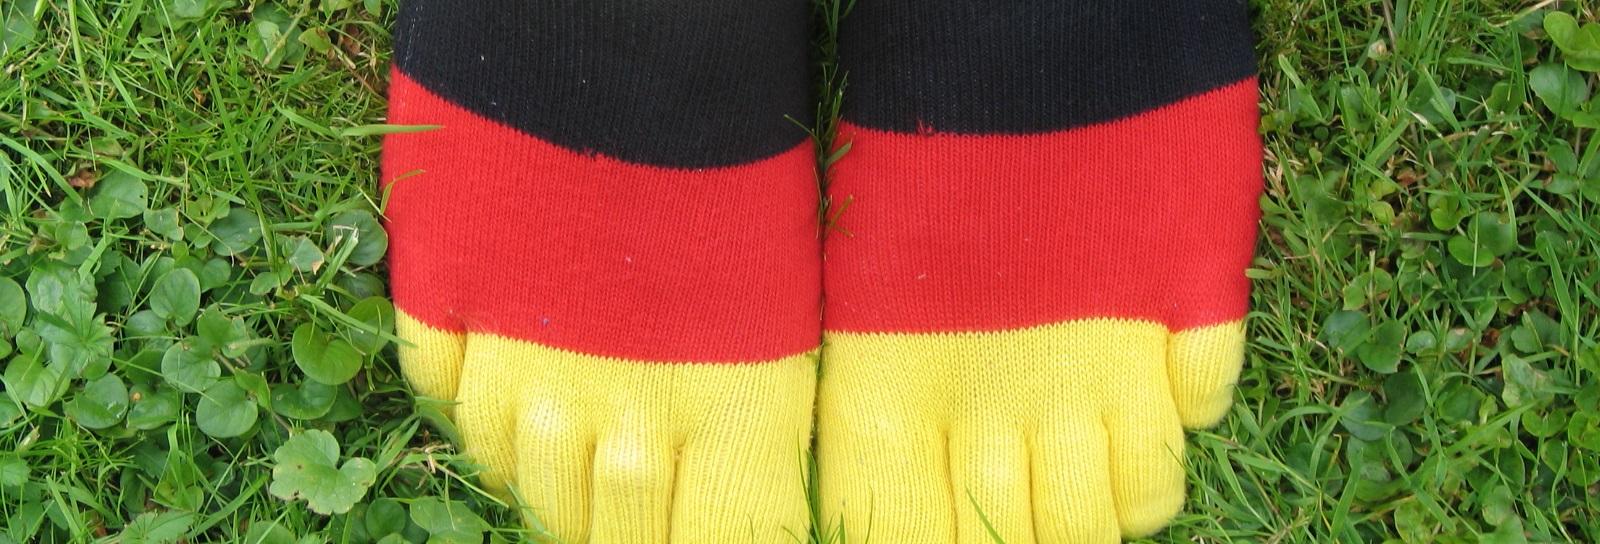 Füße in Deutschland-Socken